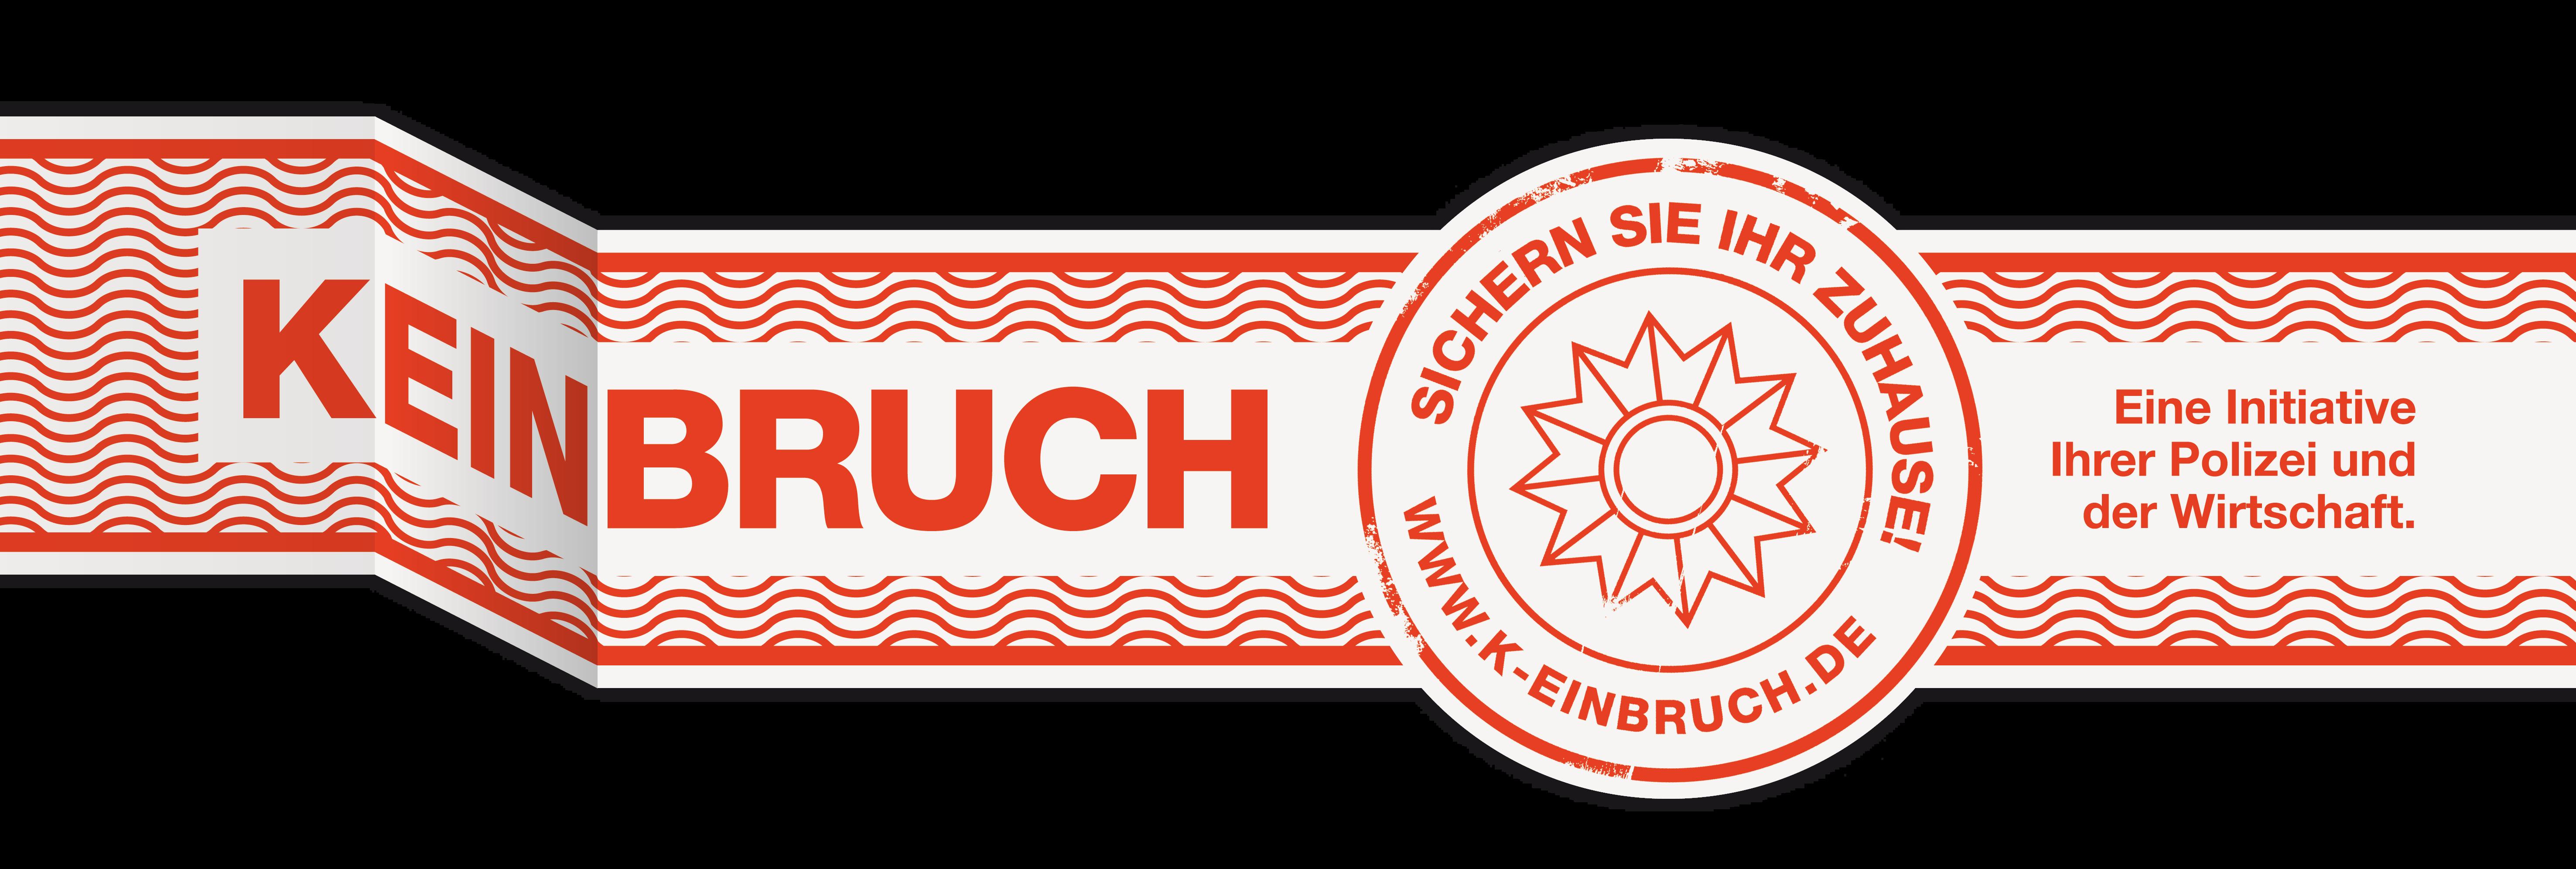 K-Einbruch Badge